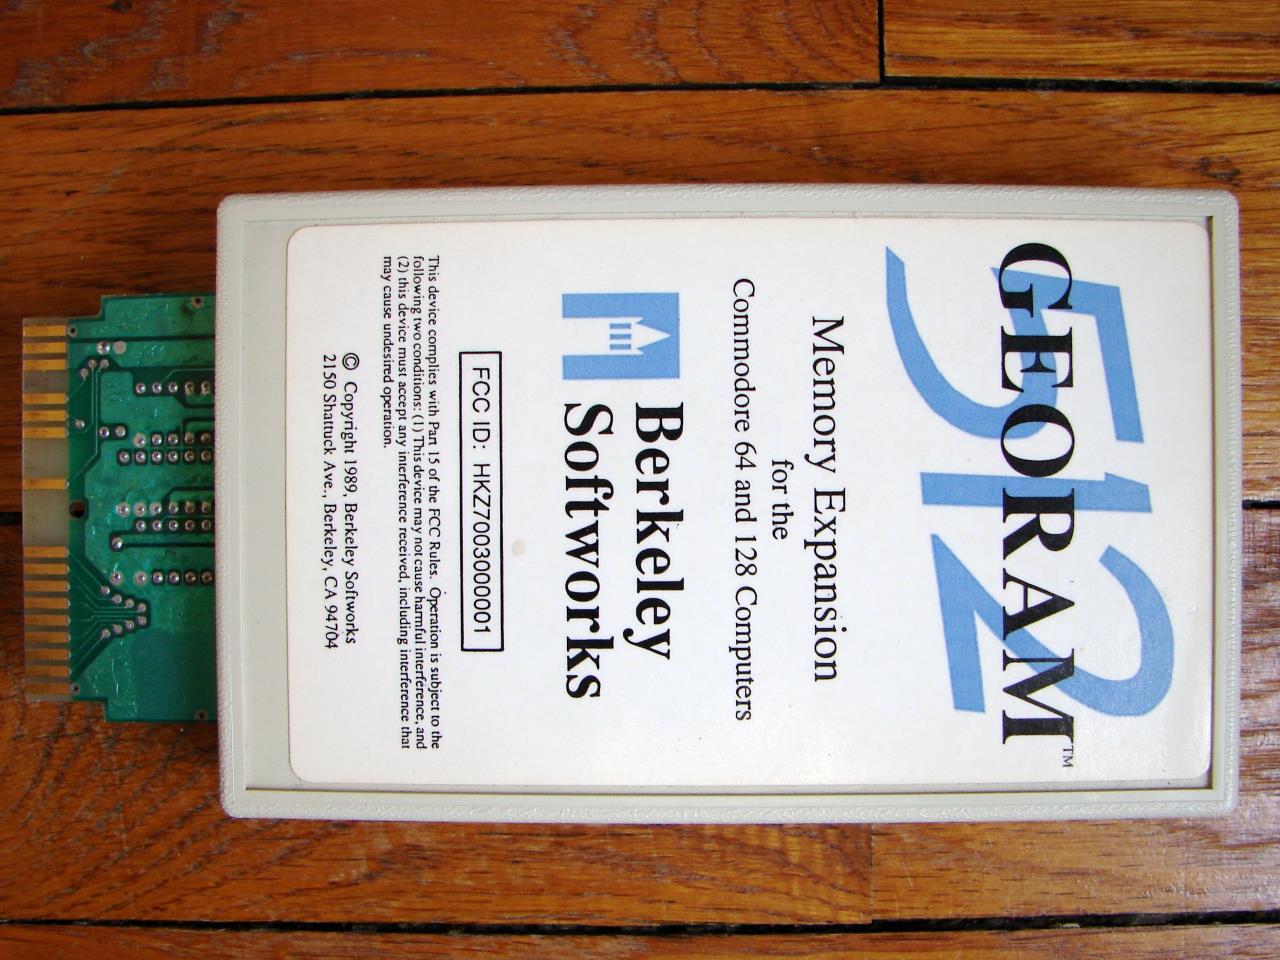 C64 | hackup net